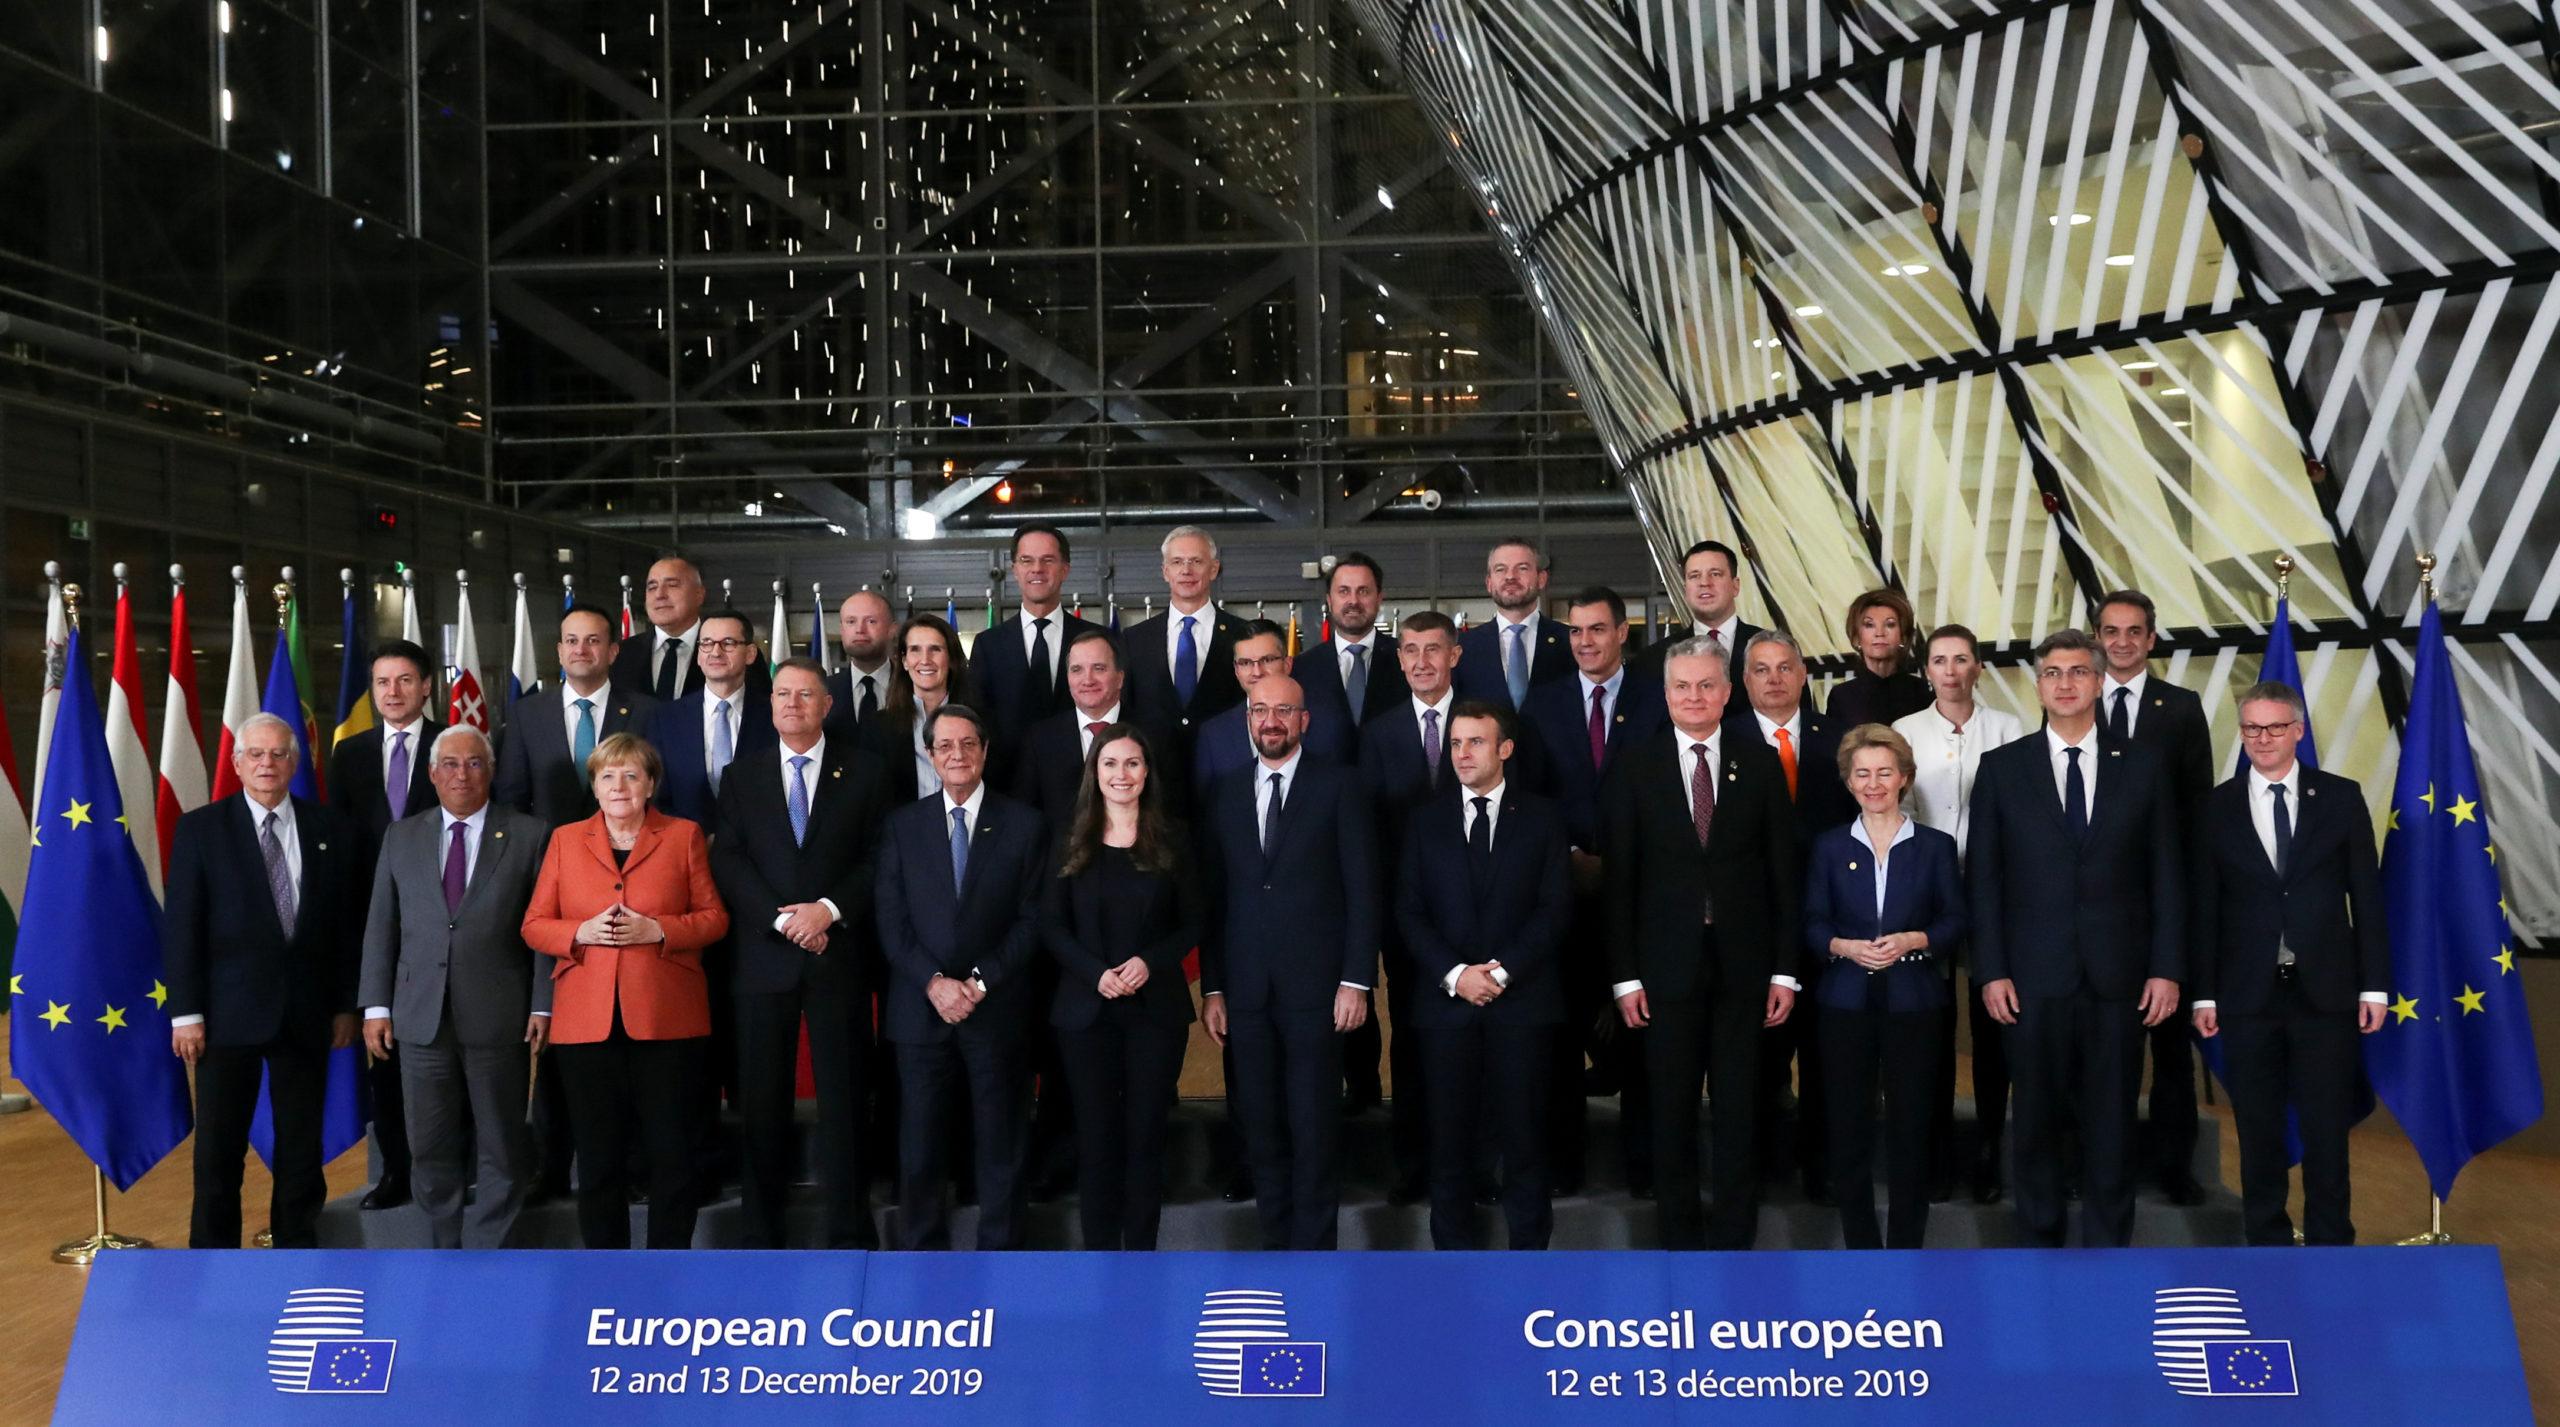 Les dirigeants de l'UE ont adopté vendredi l'objectif de neutralité carbone d'ici à 2050, après des heures de tractations avec les pays de l'Est qui réclamaient des fonds pour financer une transition sans énergies fossiles et un rôle pour l'énergie nucléaire. /Photo prise le 12 décembre 2019/REUTERS/Yves Herman